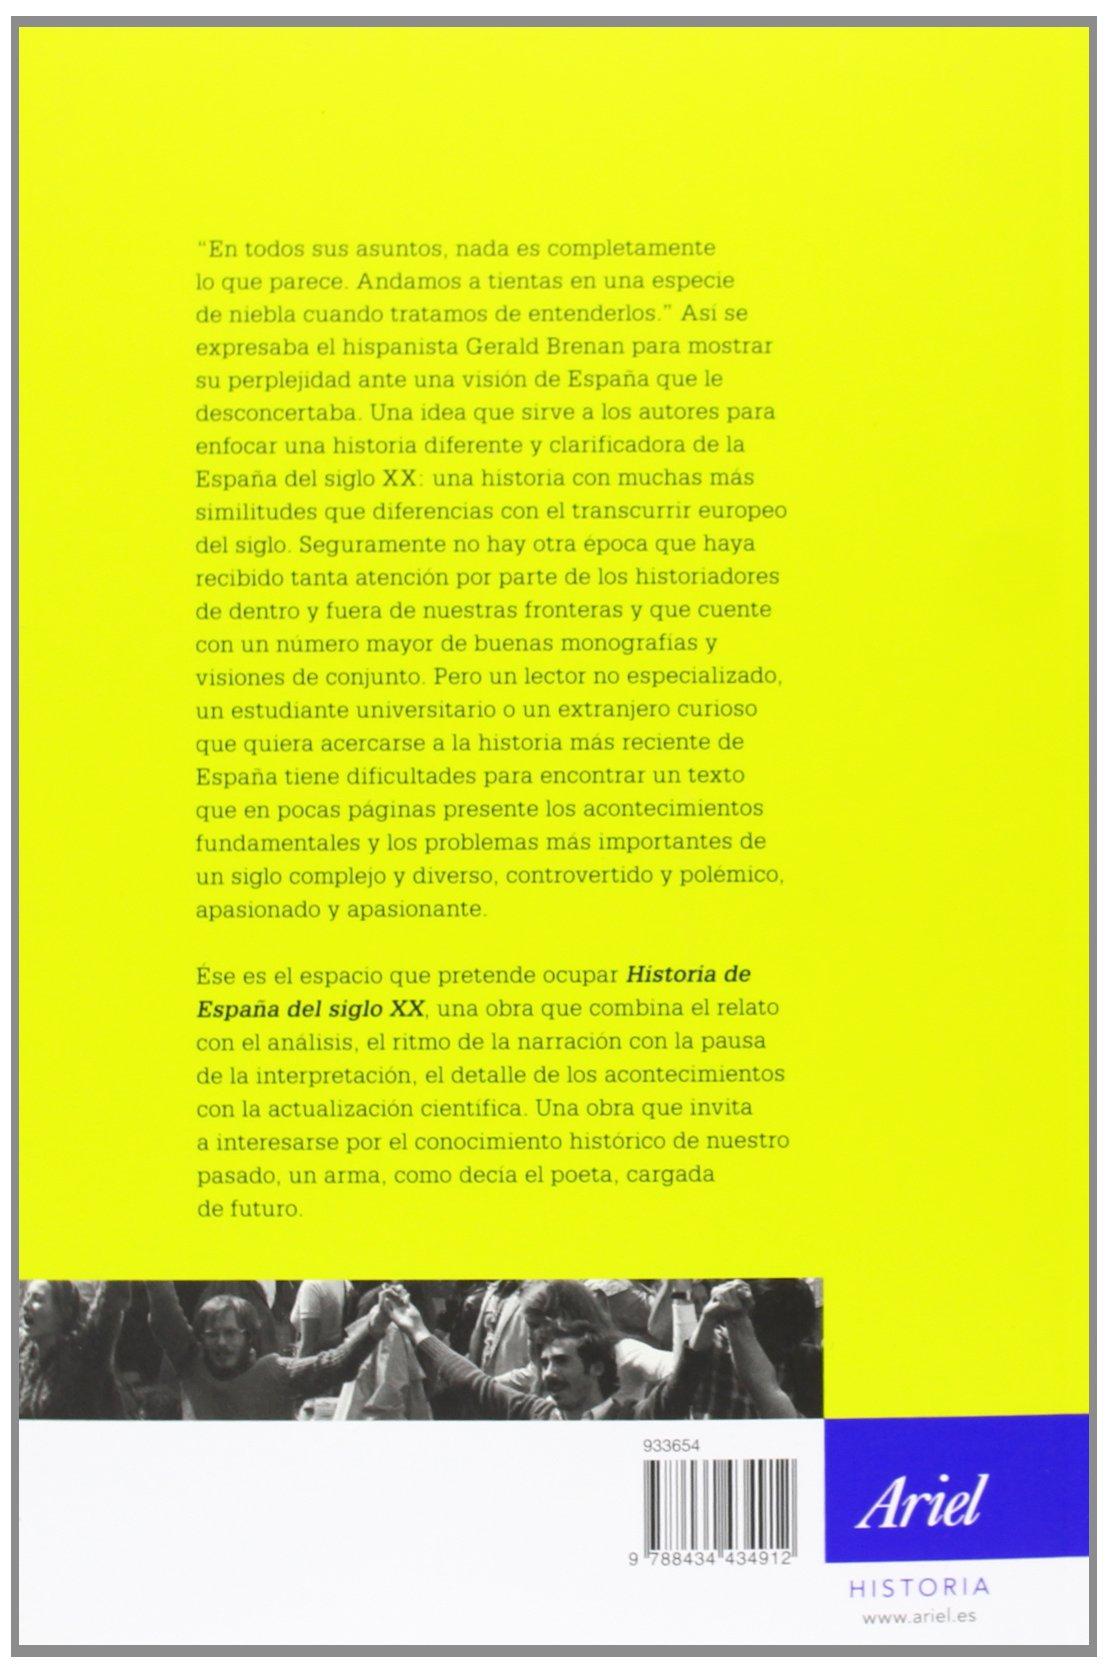 Historia de España en el siglo XX (Ariel Historia): Amazon.es: Gil Andrés, Carlos, Casanova, Julián: Libros